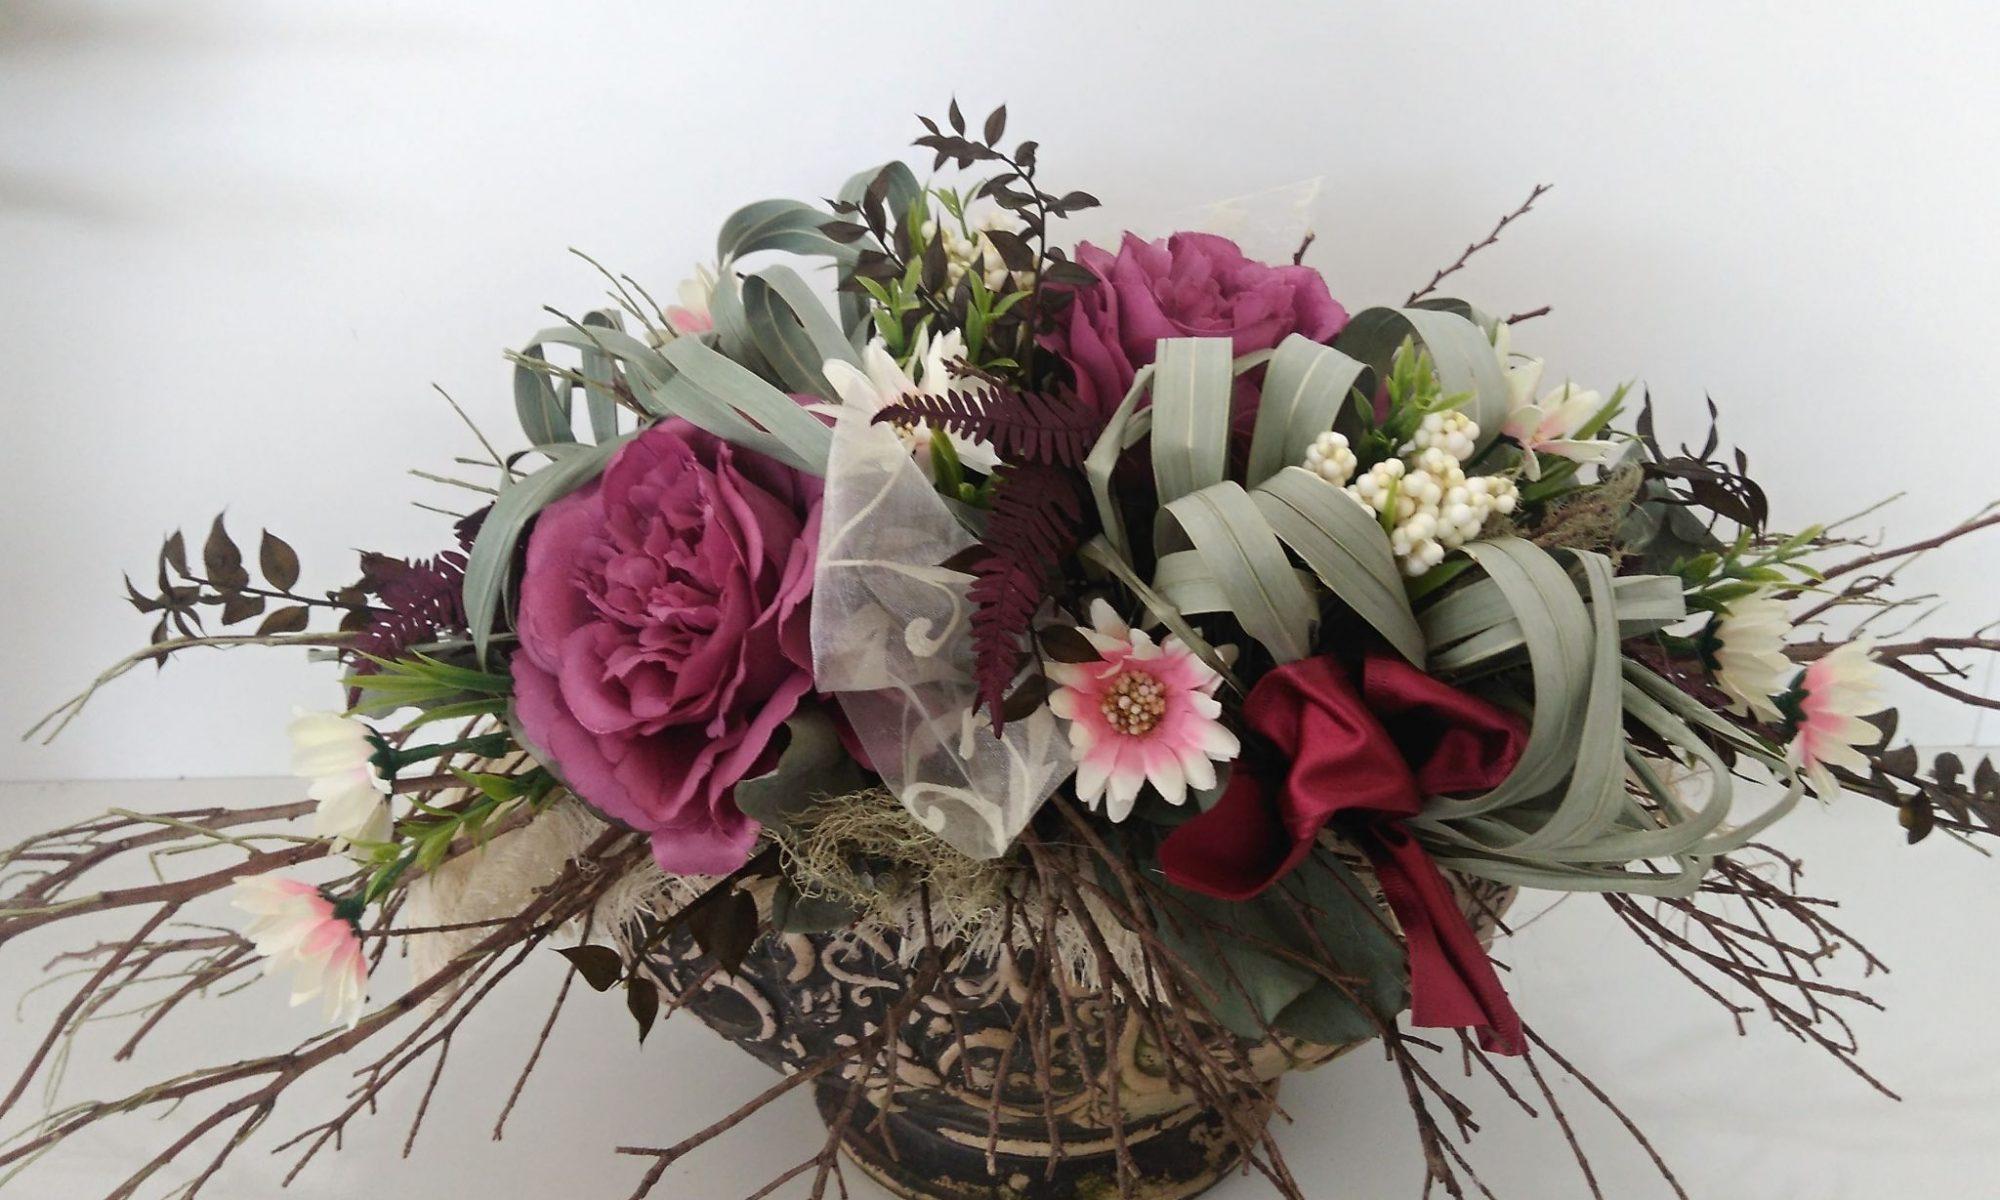 28e8bcf5f Dárková vazba, použita jako celoroční dekorace na hrob, lze použít i do  interiéru. Umělé květy doplněné přírodním materiálem.